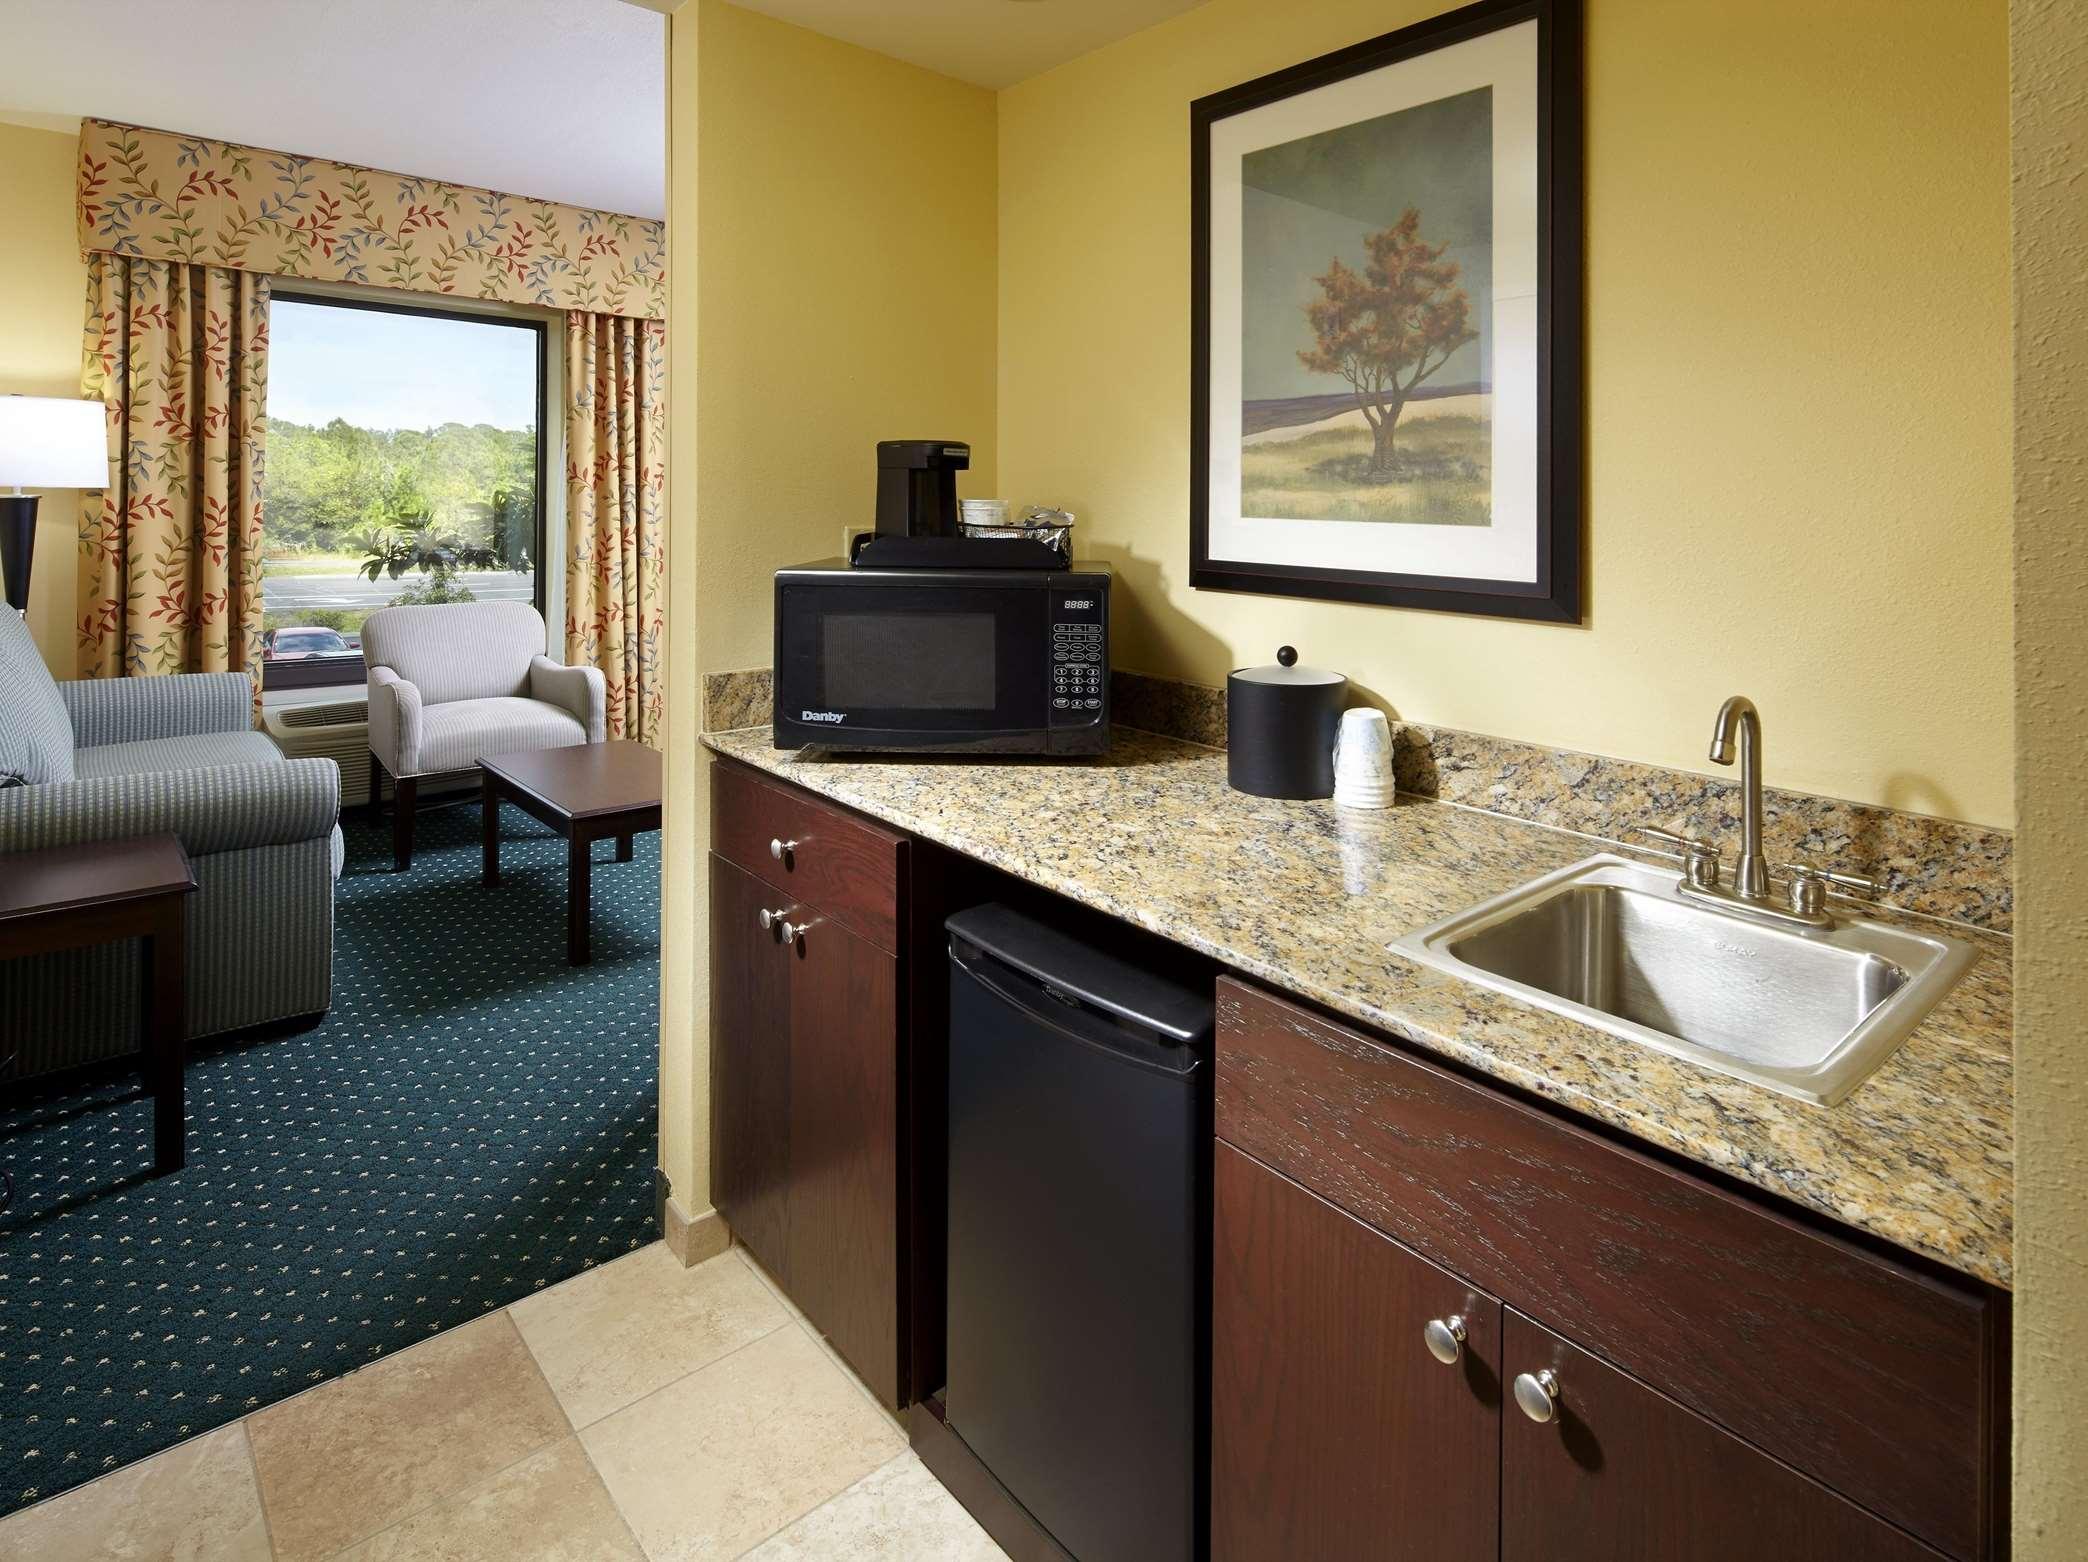 Hampton Inn & Suites Clearwater/St. Petersburg-Ulmerton Road, FL image 27